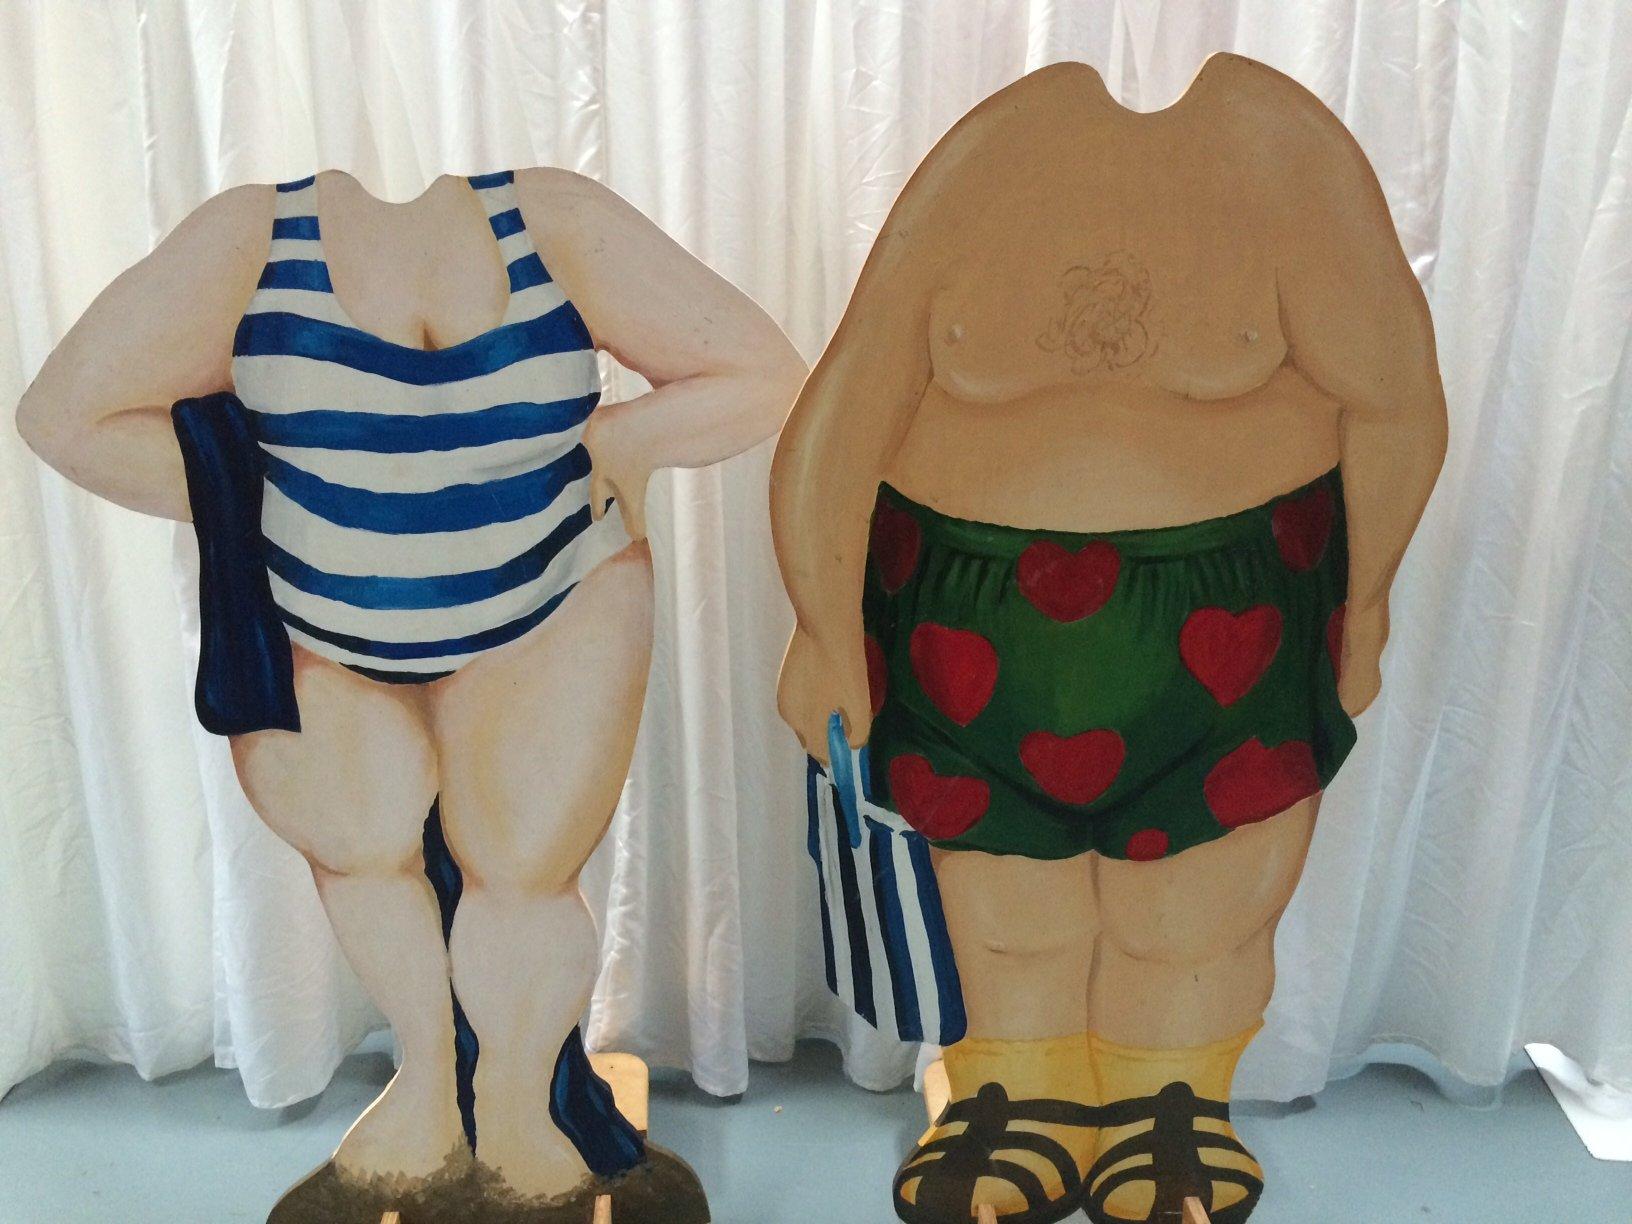 Beach Man & Beach woman Photo props, Wooden $50each, 1.5m x 0.8m